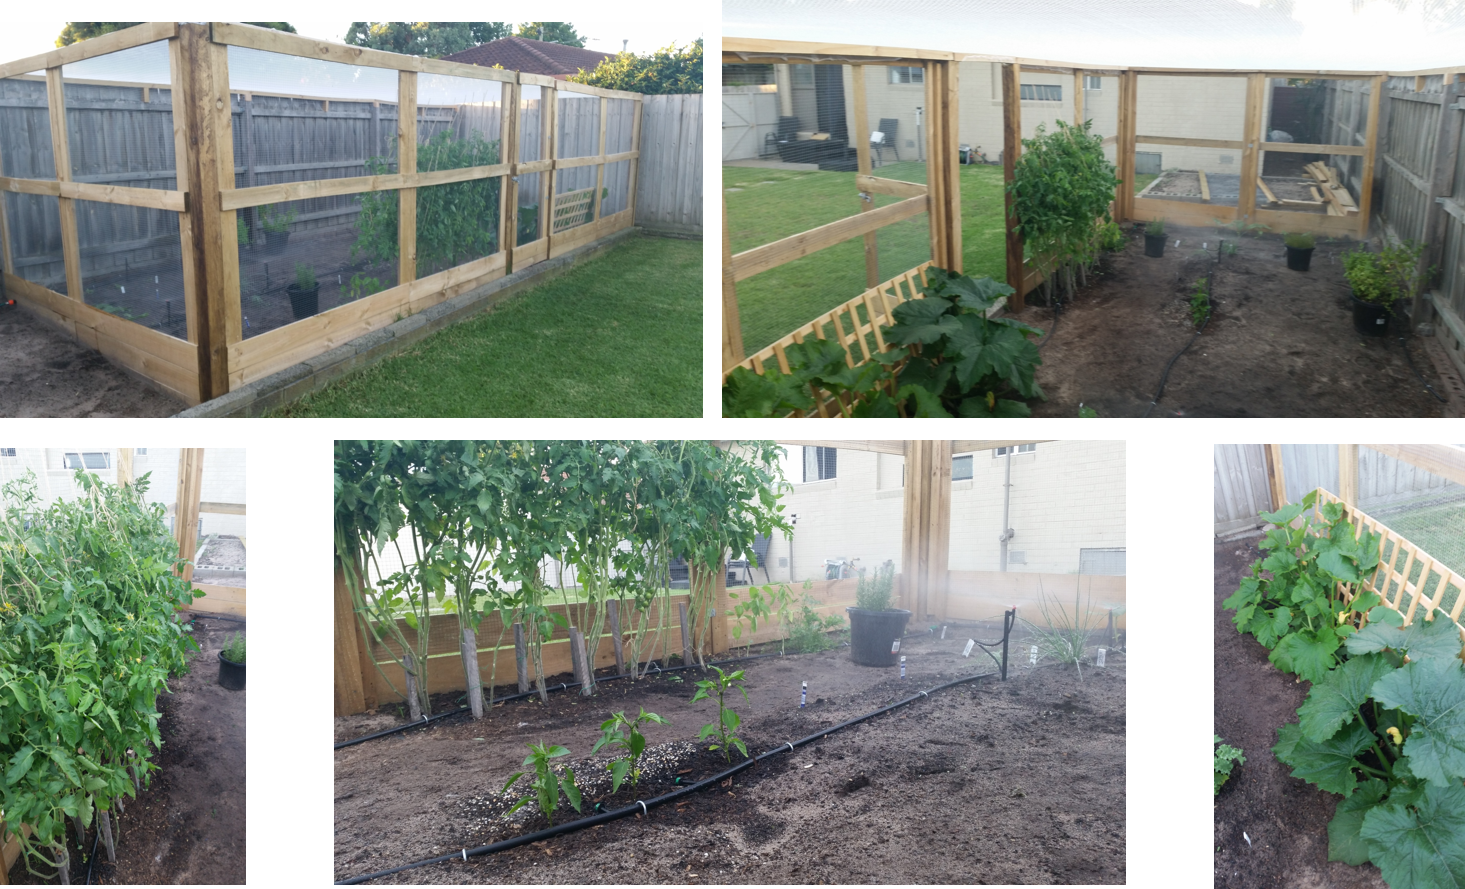 diy walk-in garden enclosure  u0026 irrigatio